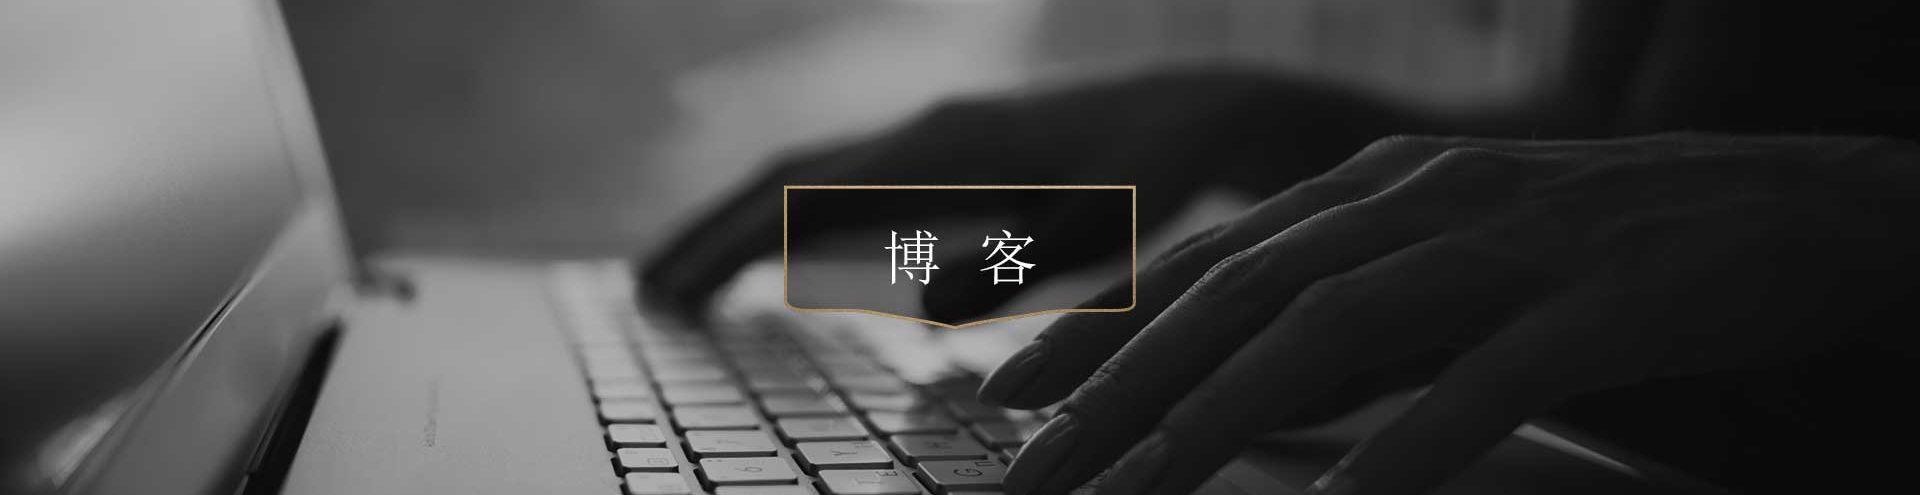 blog-chinese